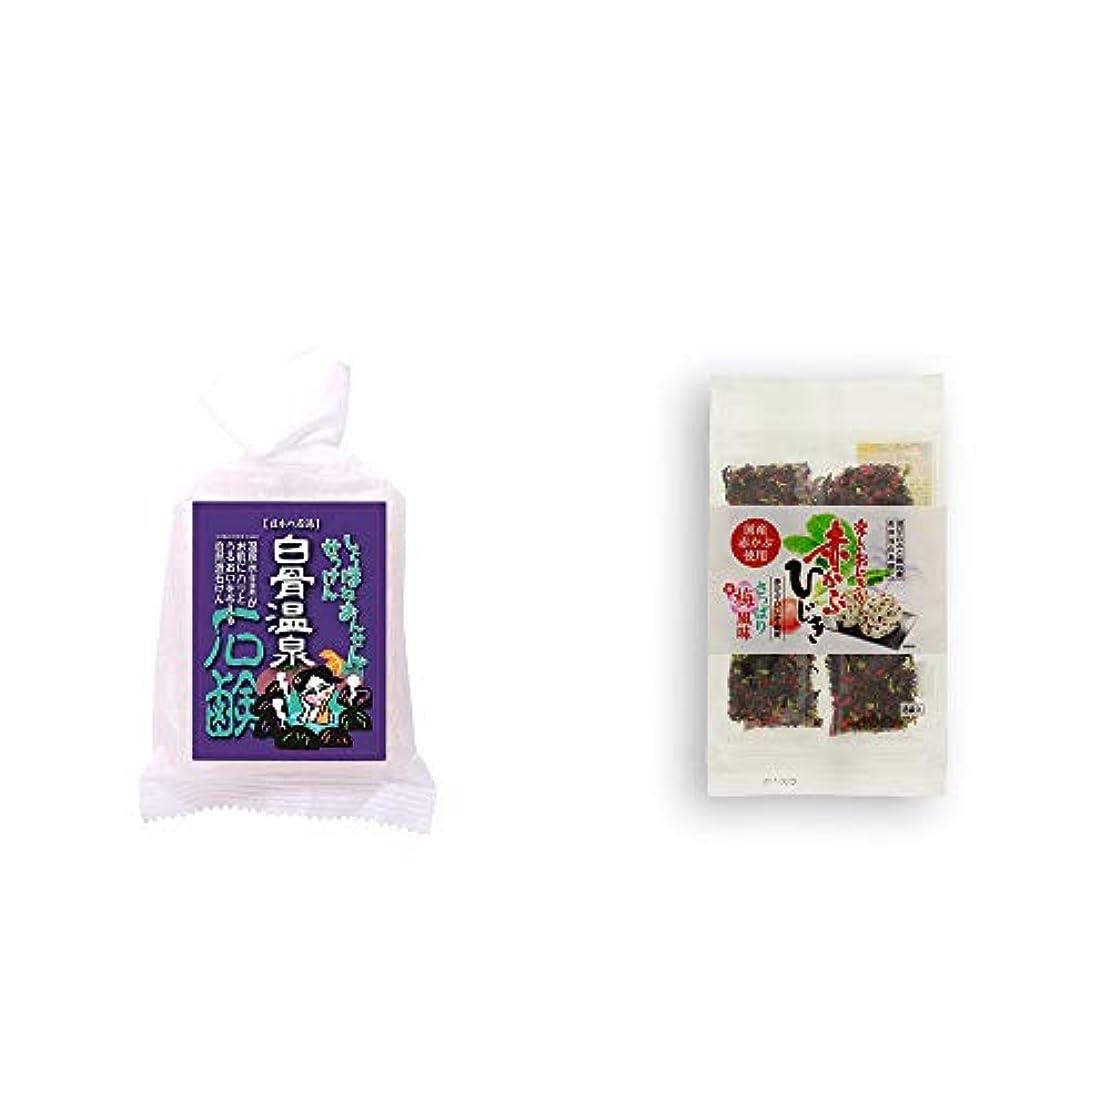 ペレグリネーションフットボール黒くする[2点セット] 信州 白骨温泉石鹸(80g)?楽しいおにぎり 赤かぶひじき(8g×8袋)